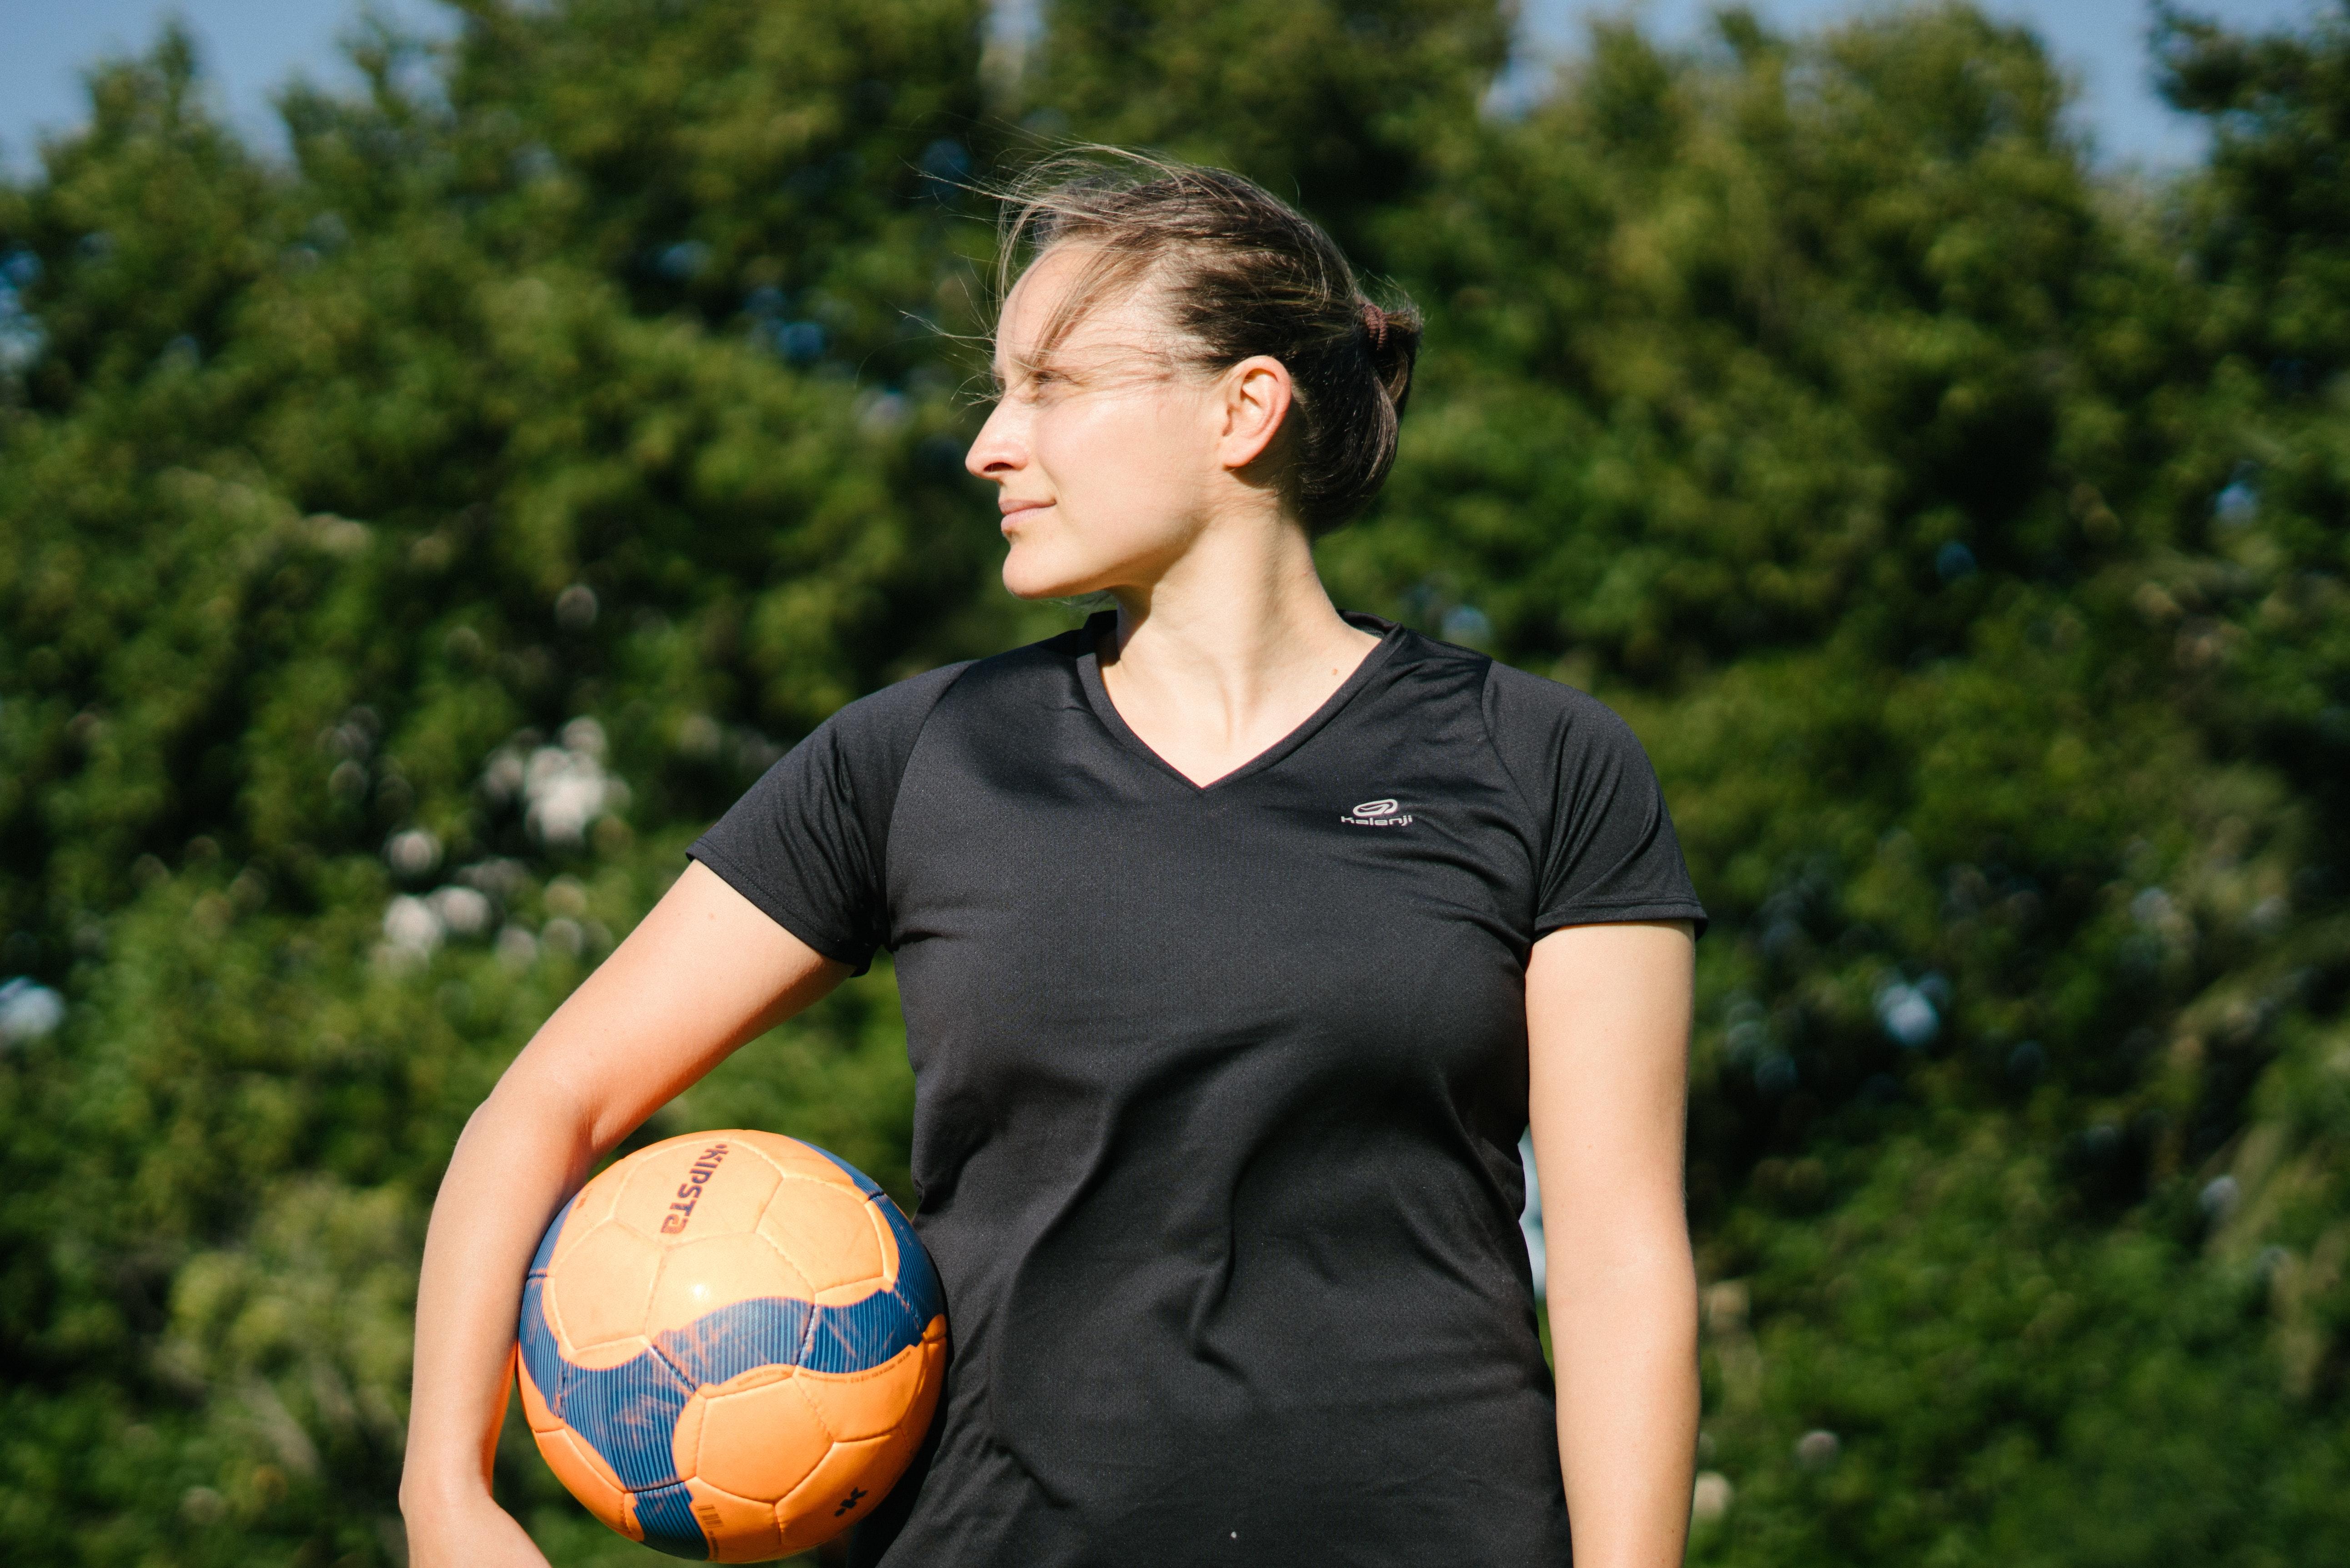 Mulher De Camiseta Preta Com Gola Redonda Segurando Uma Bola De Futebol · Foto profissional gratuita